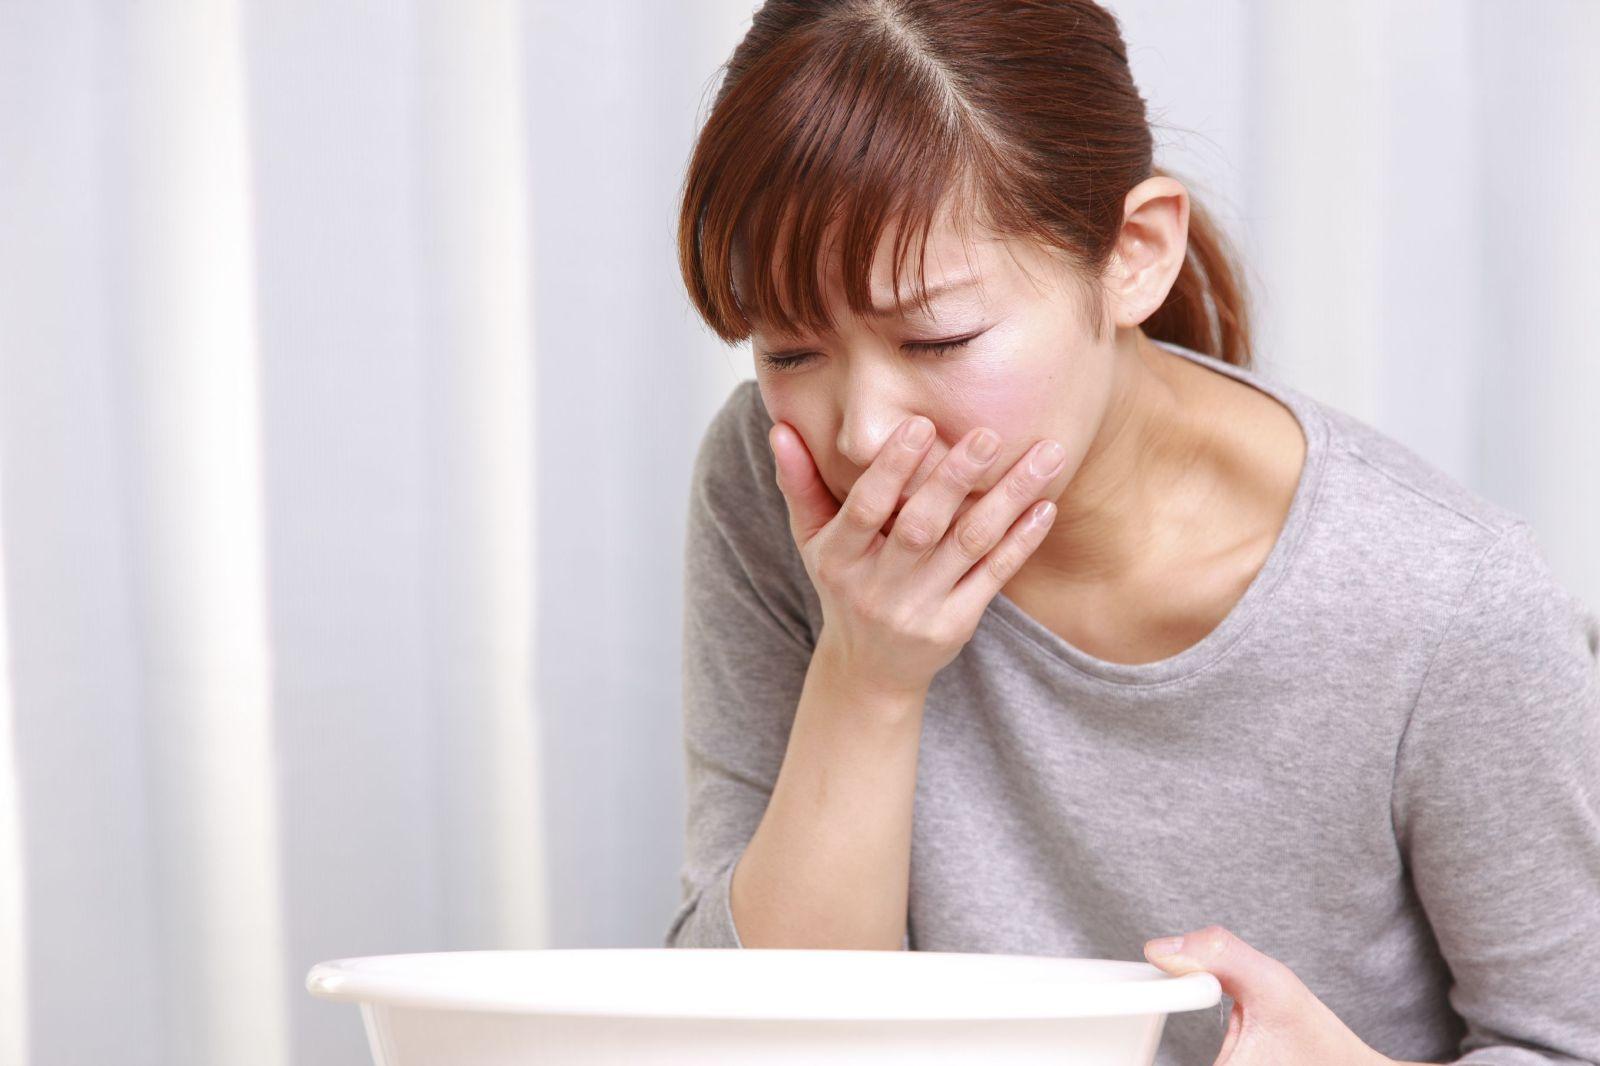 Buồn nôn (ốm nghén) là dấu hiệu phổ biến của thai kỳ